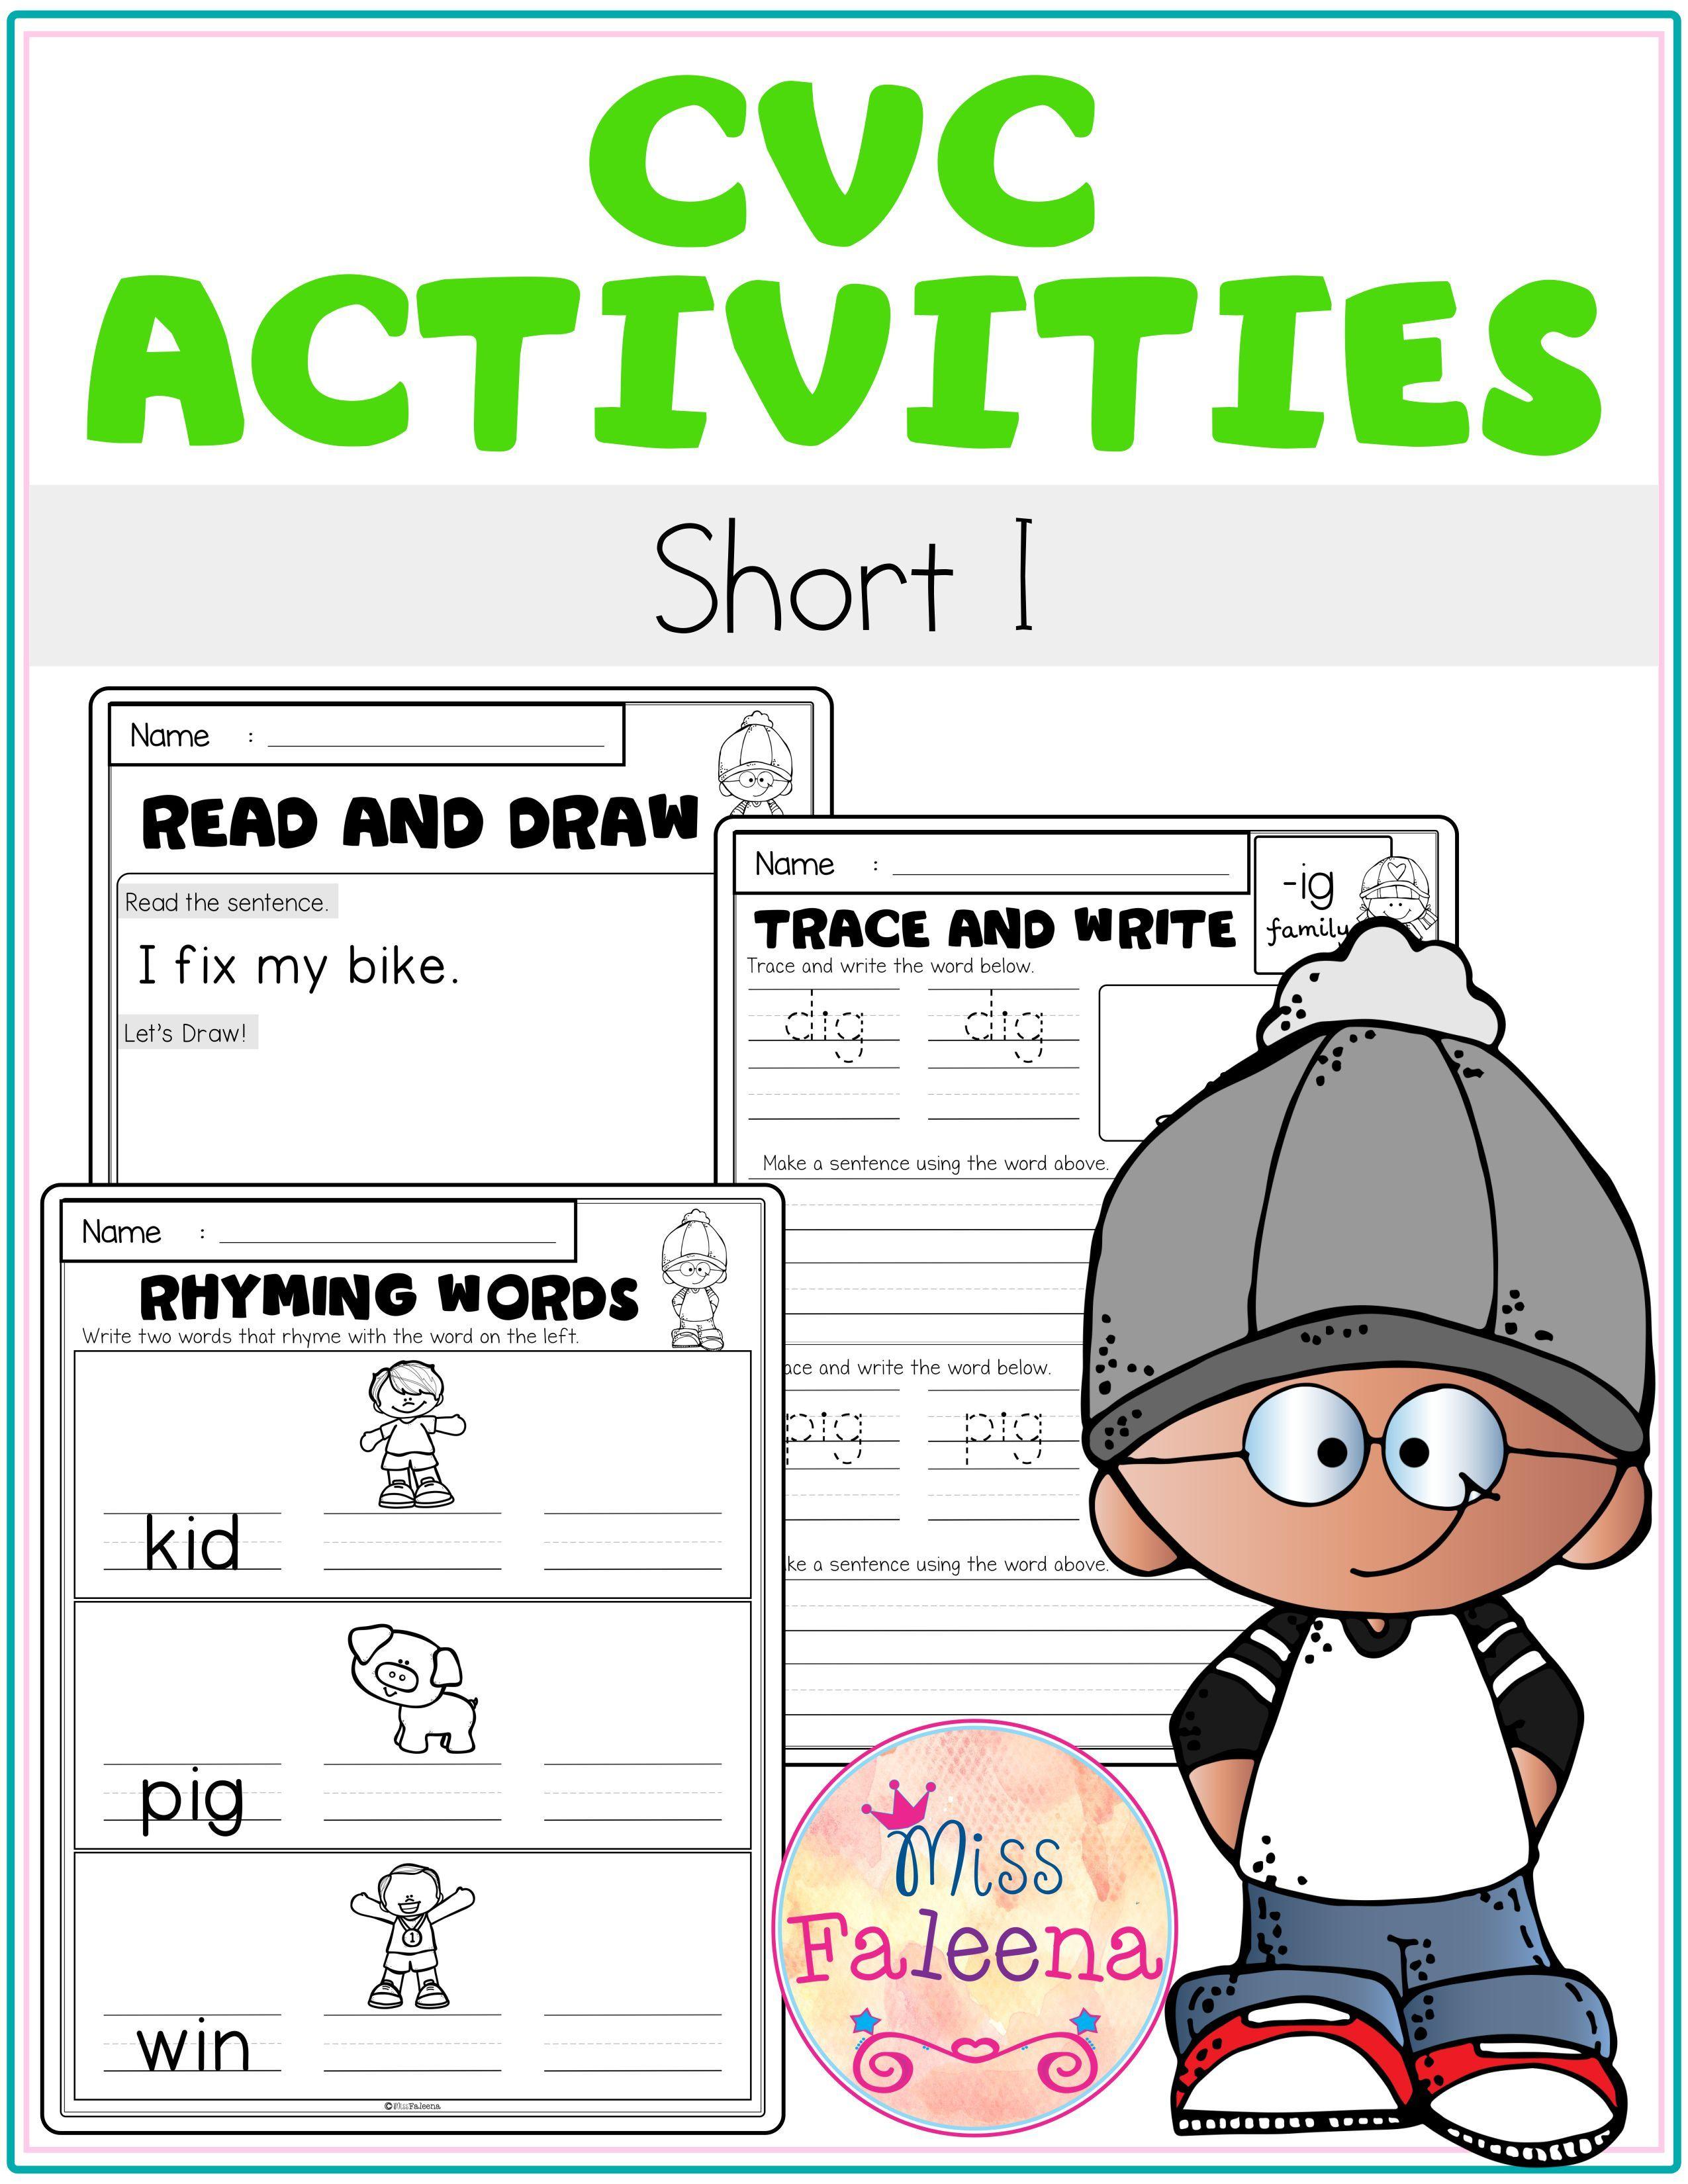 Cvc Activities Short I